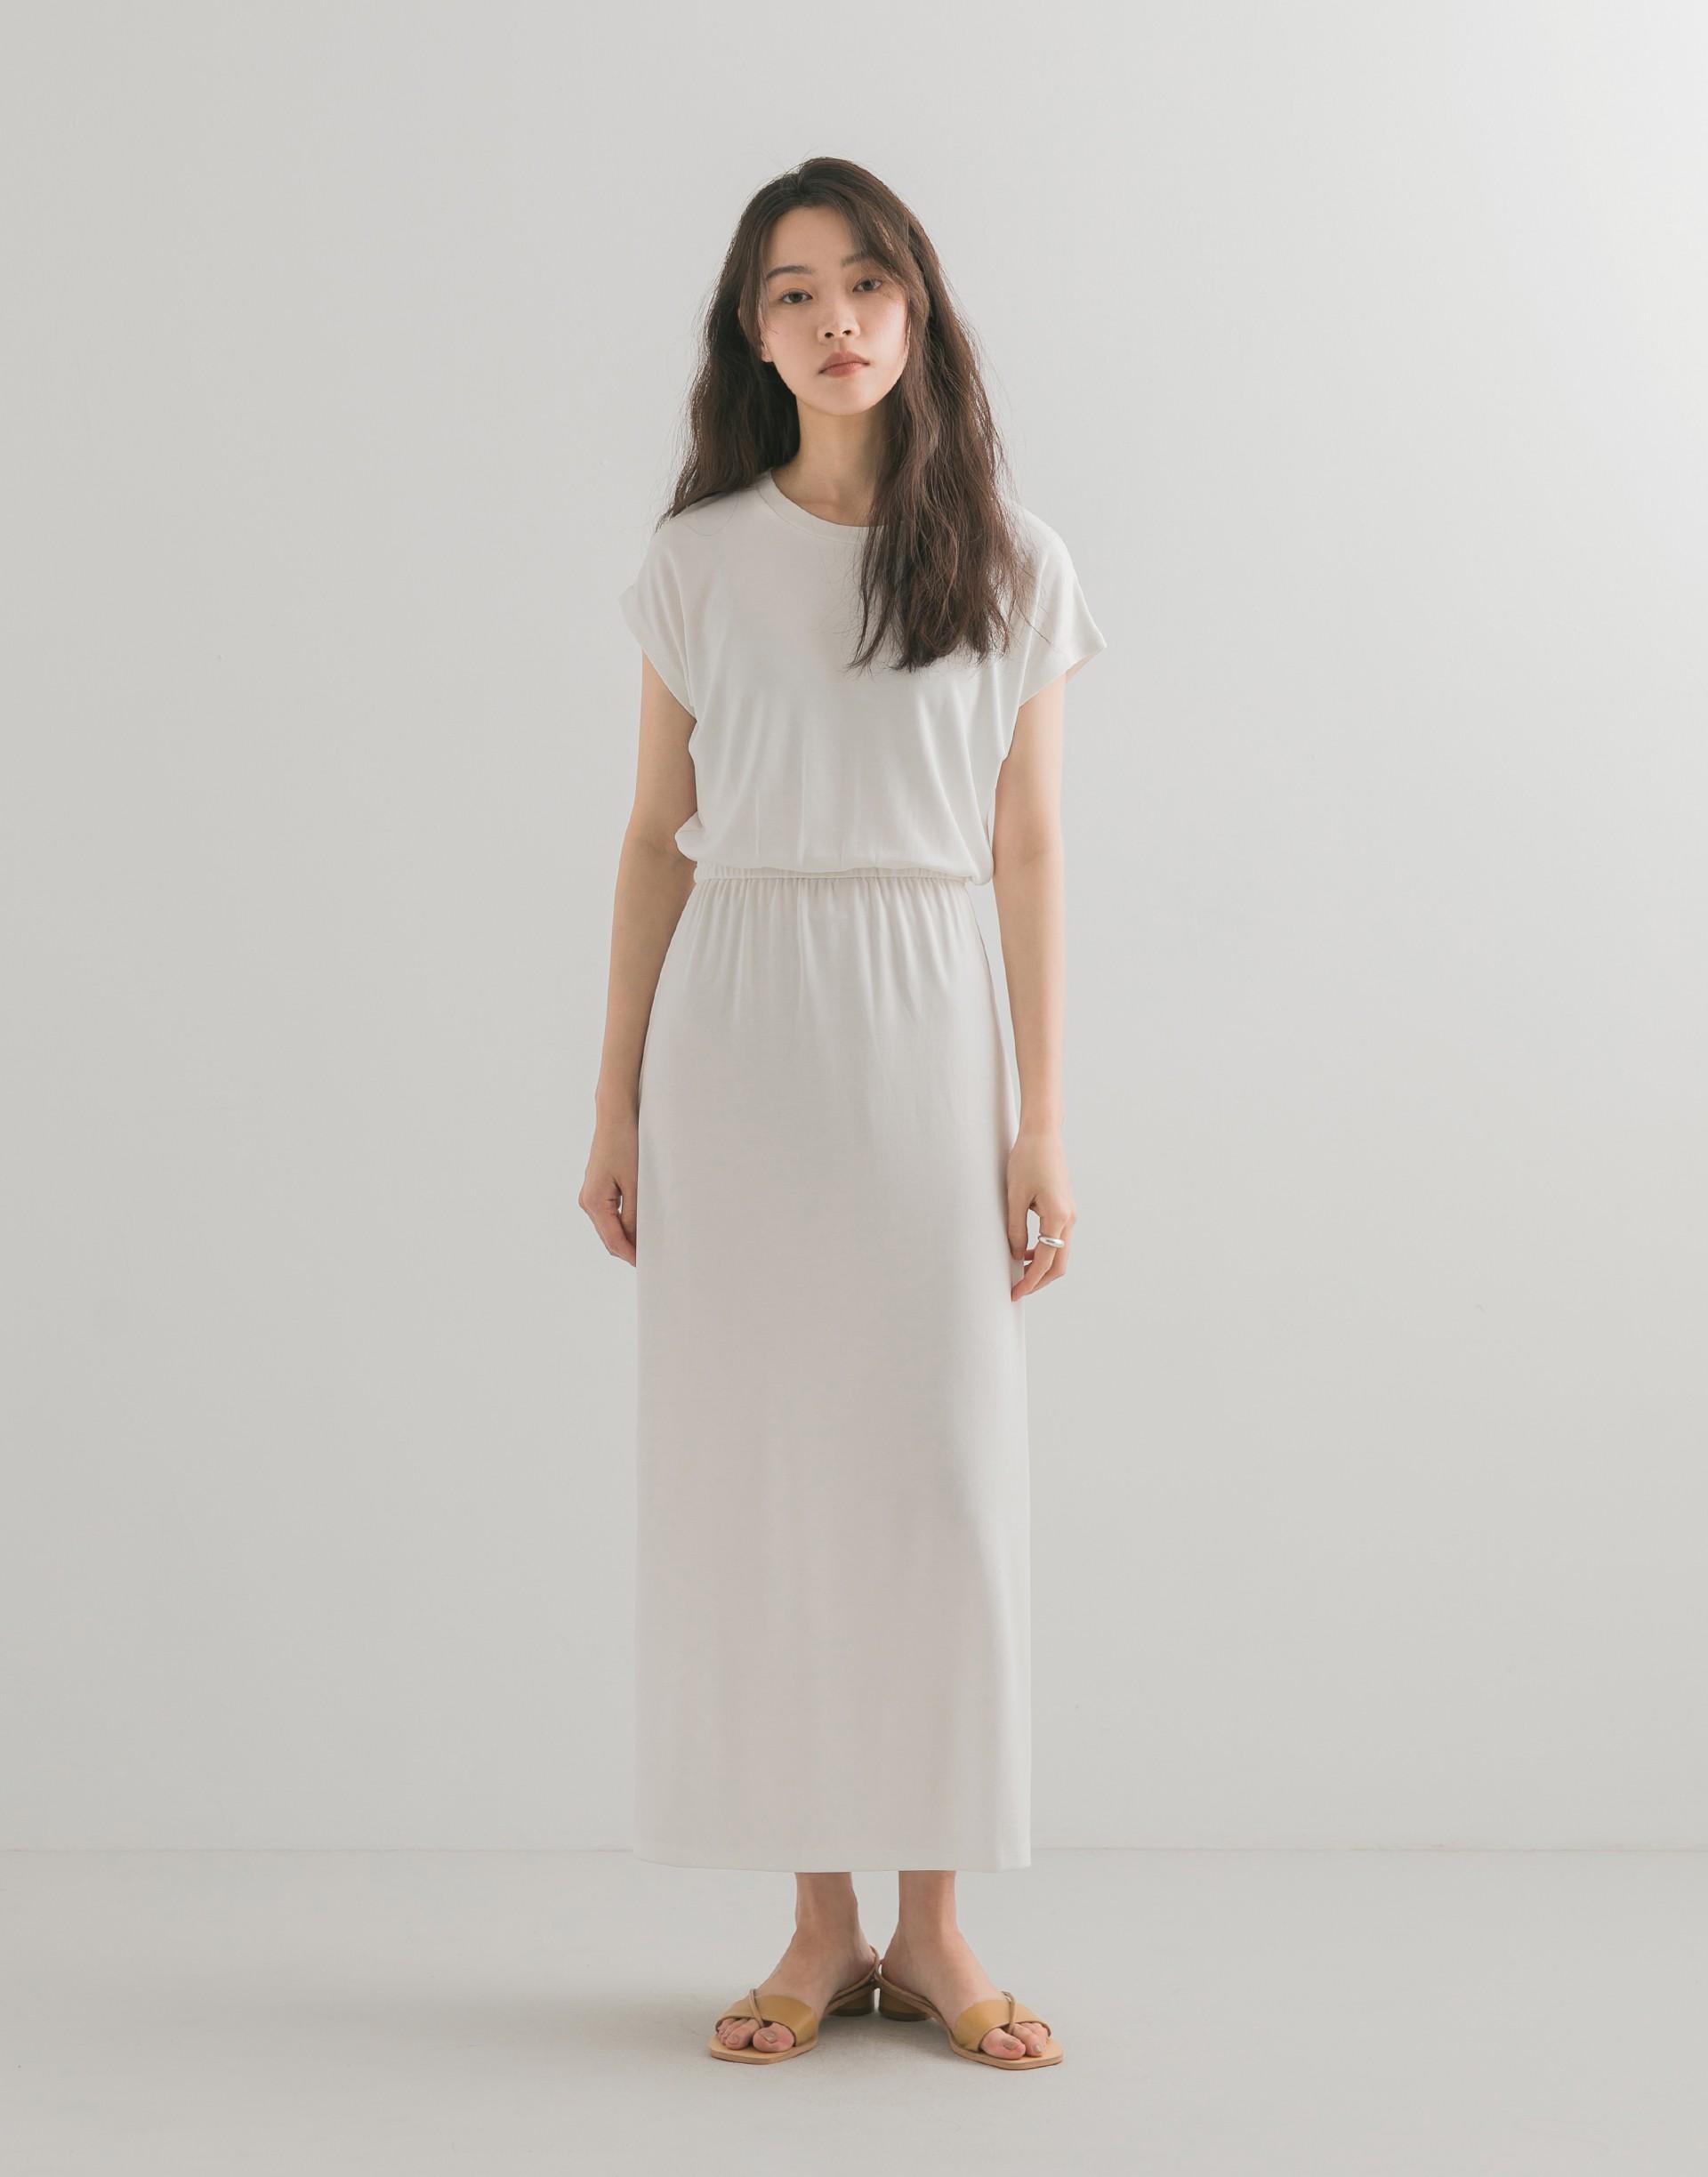 彈性:適中 柔軟舒適棉質料、連袖設計、腰鬆緊、下擺兩側有開衩